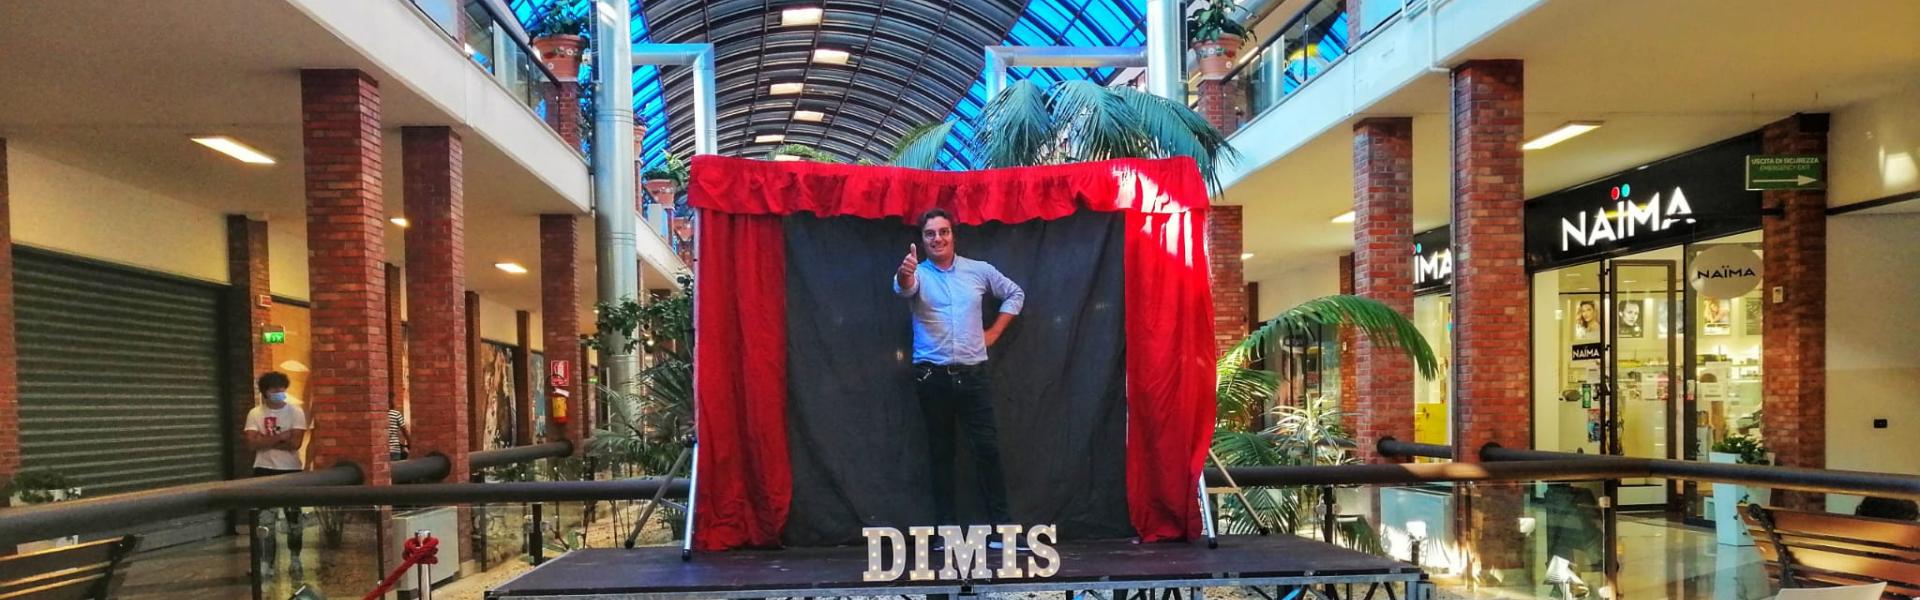 """I Portali diventa Teatro con il Mago Dimis: """"Avvicinerò il grande pubblico all'illusionismo"""""""